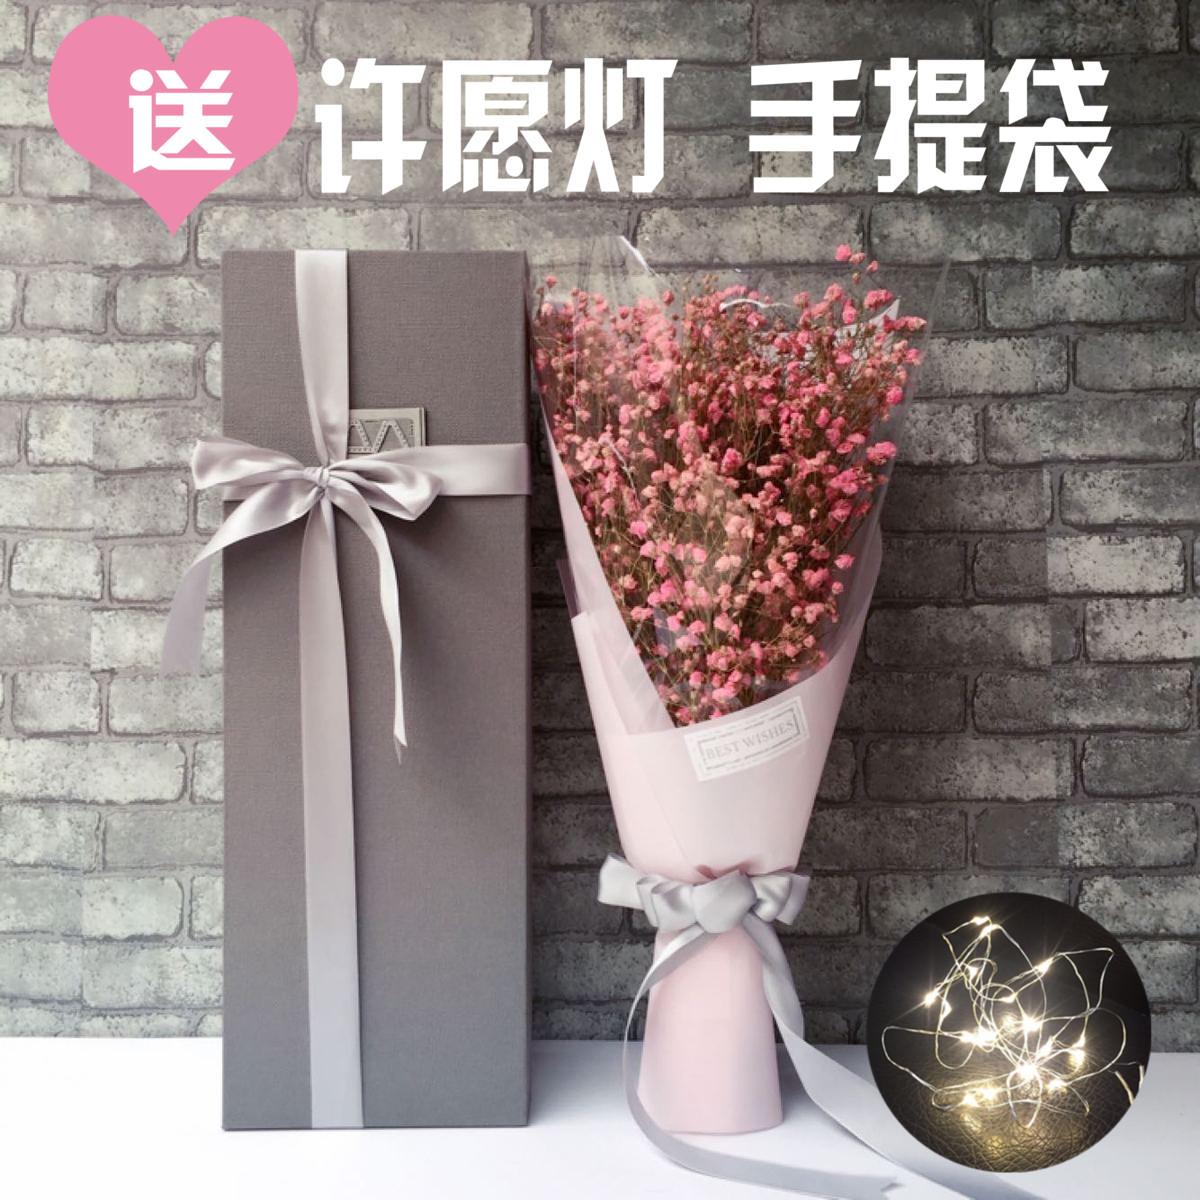 В небе звезда сухие цветы букет большой подарок вечная жизнь доставка цветов подруга день рождения INS превышать пожар день святого валентина полный промышленность 520 подарок